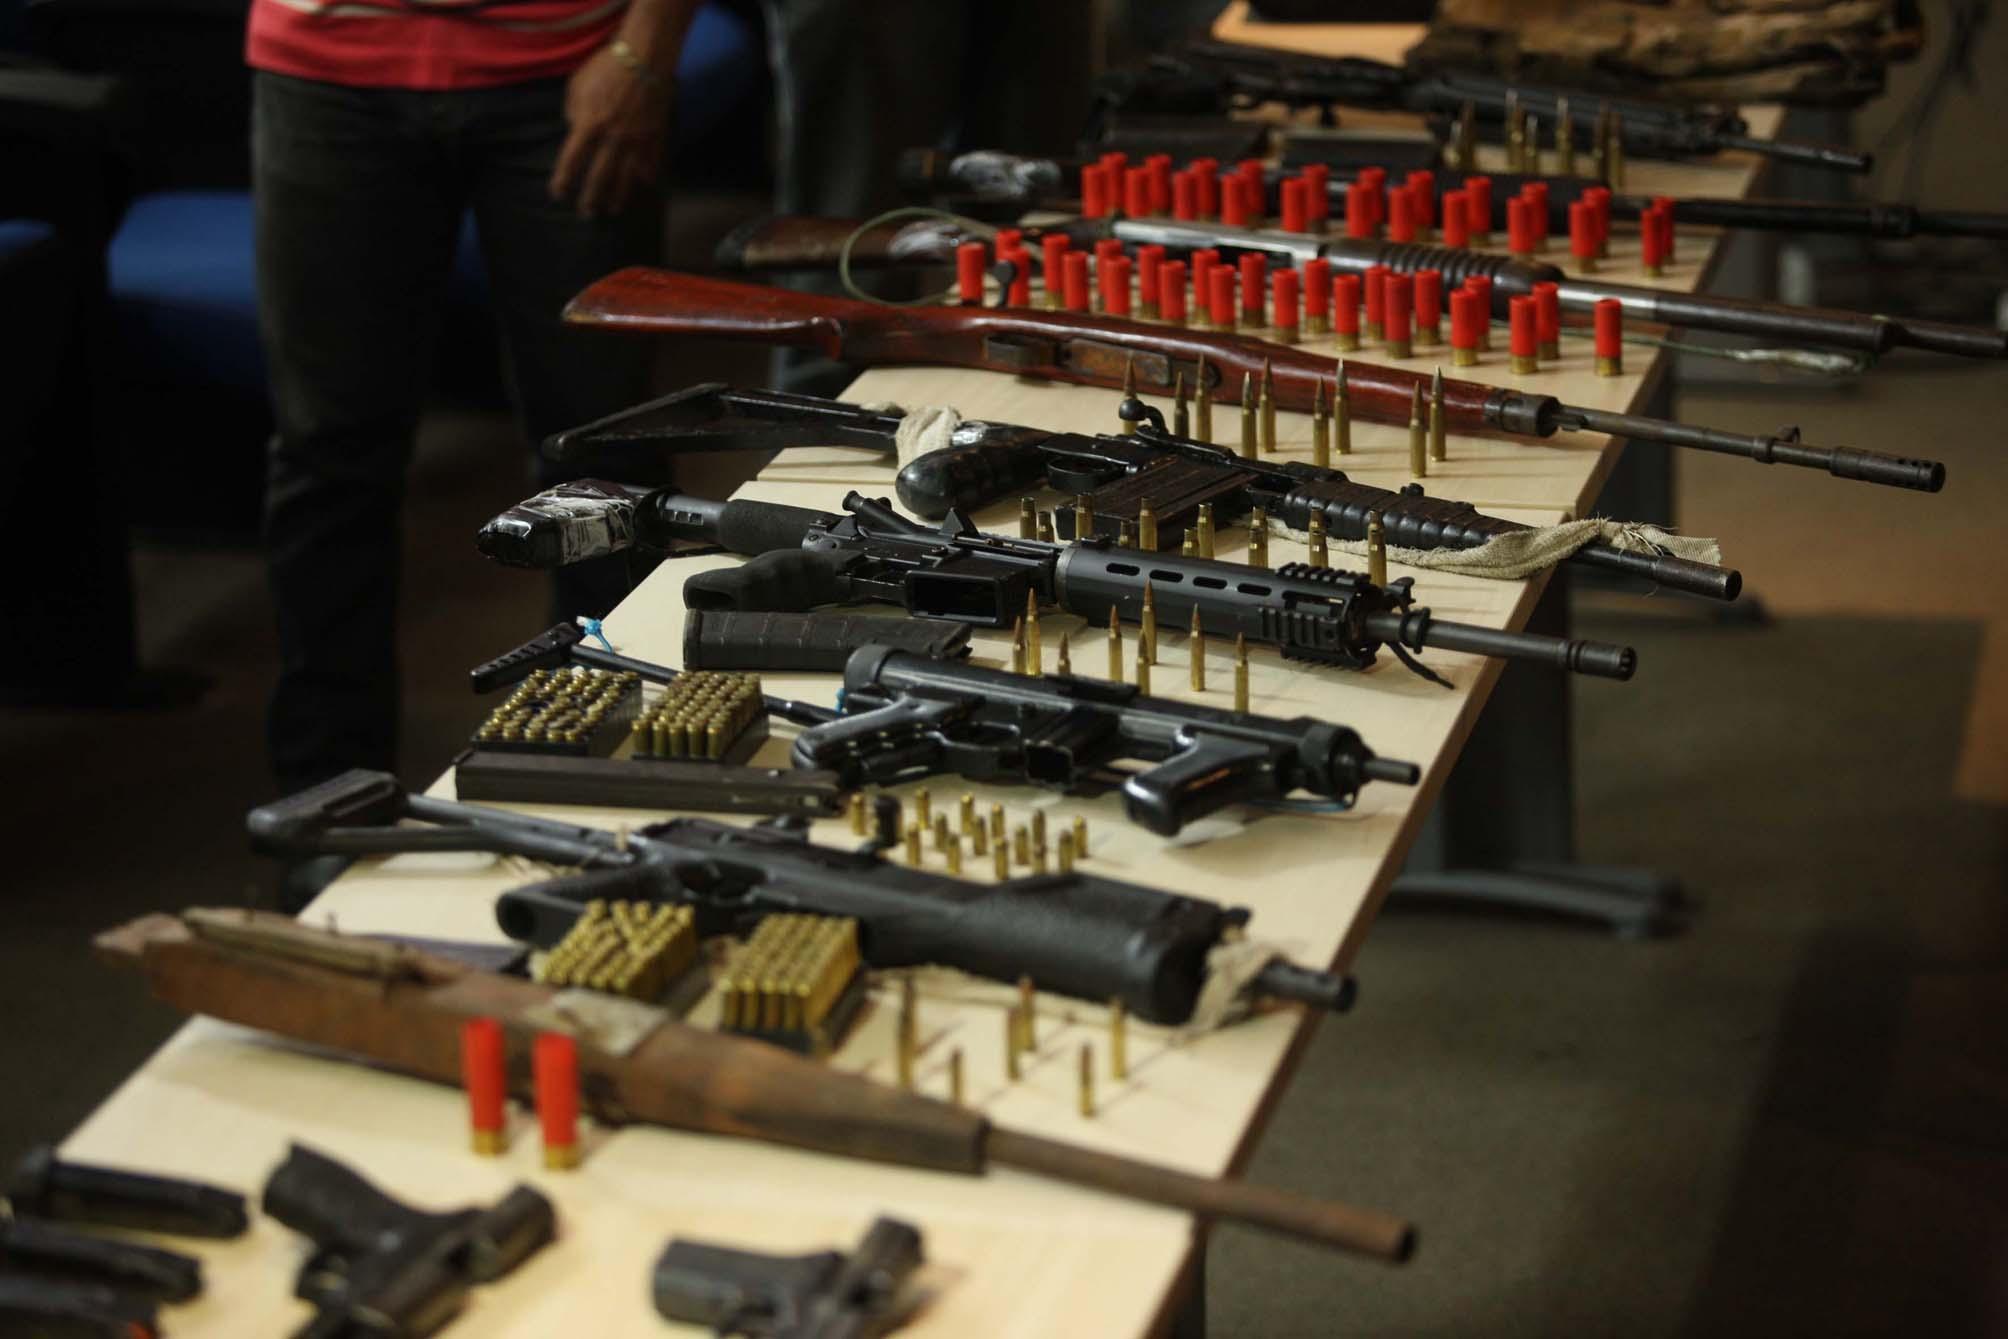 Segurança - armas - munições quadrilhas crime organizado apreensões operações policiais